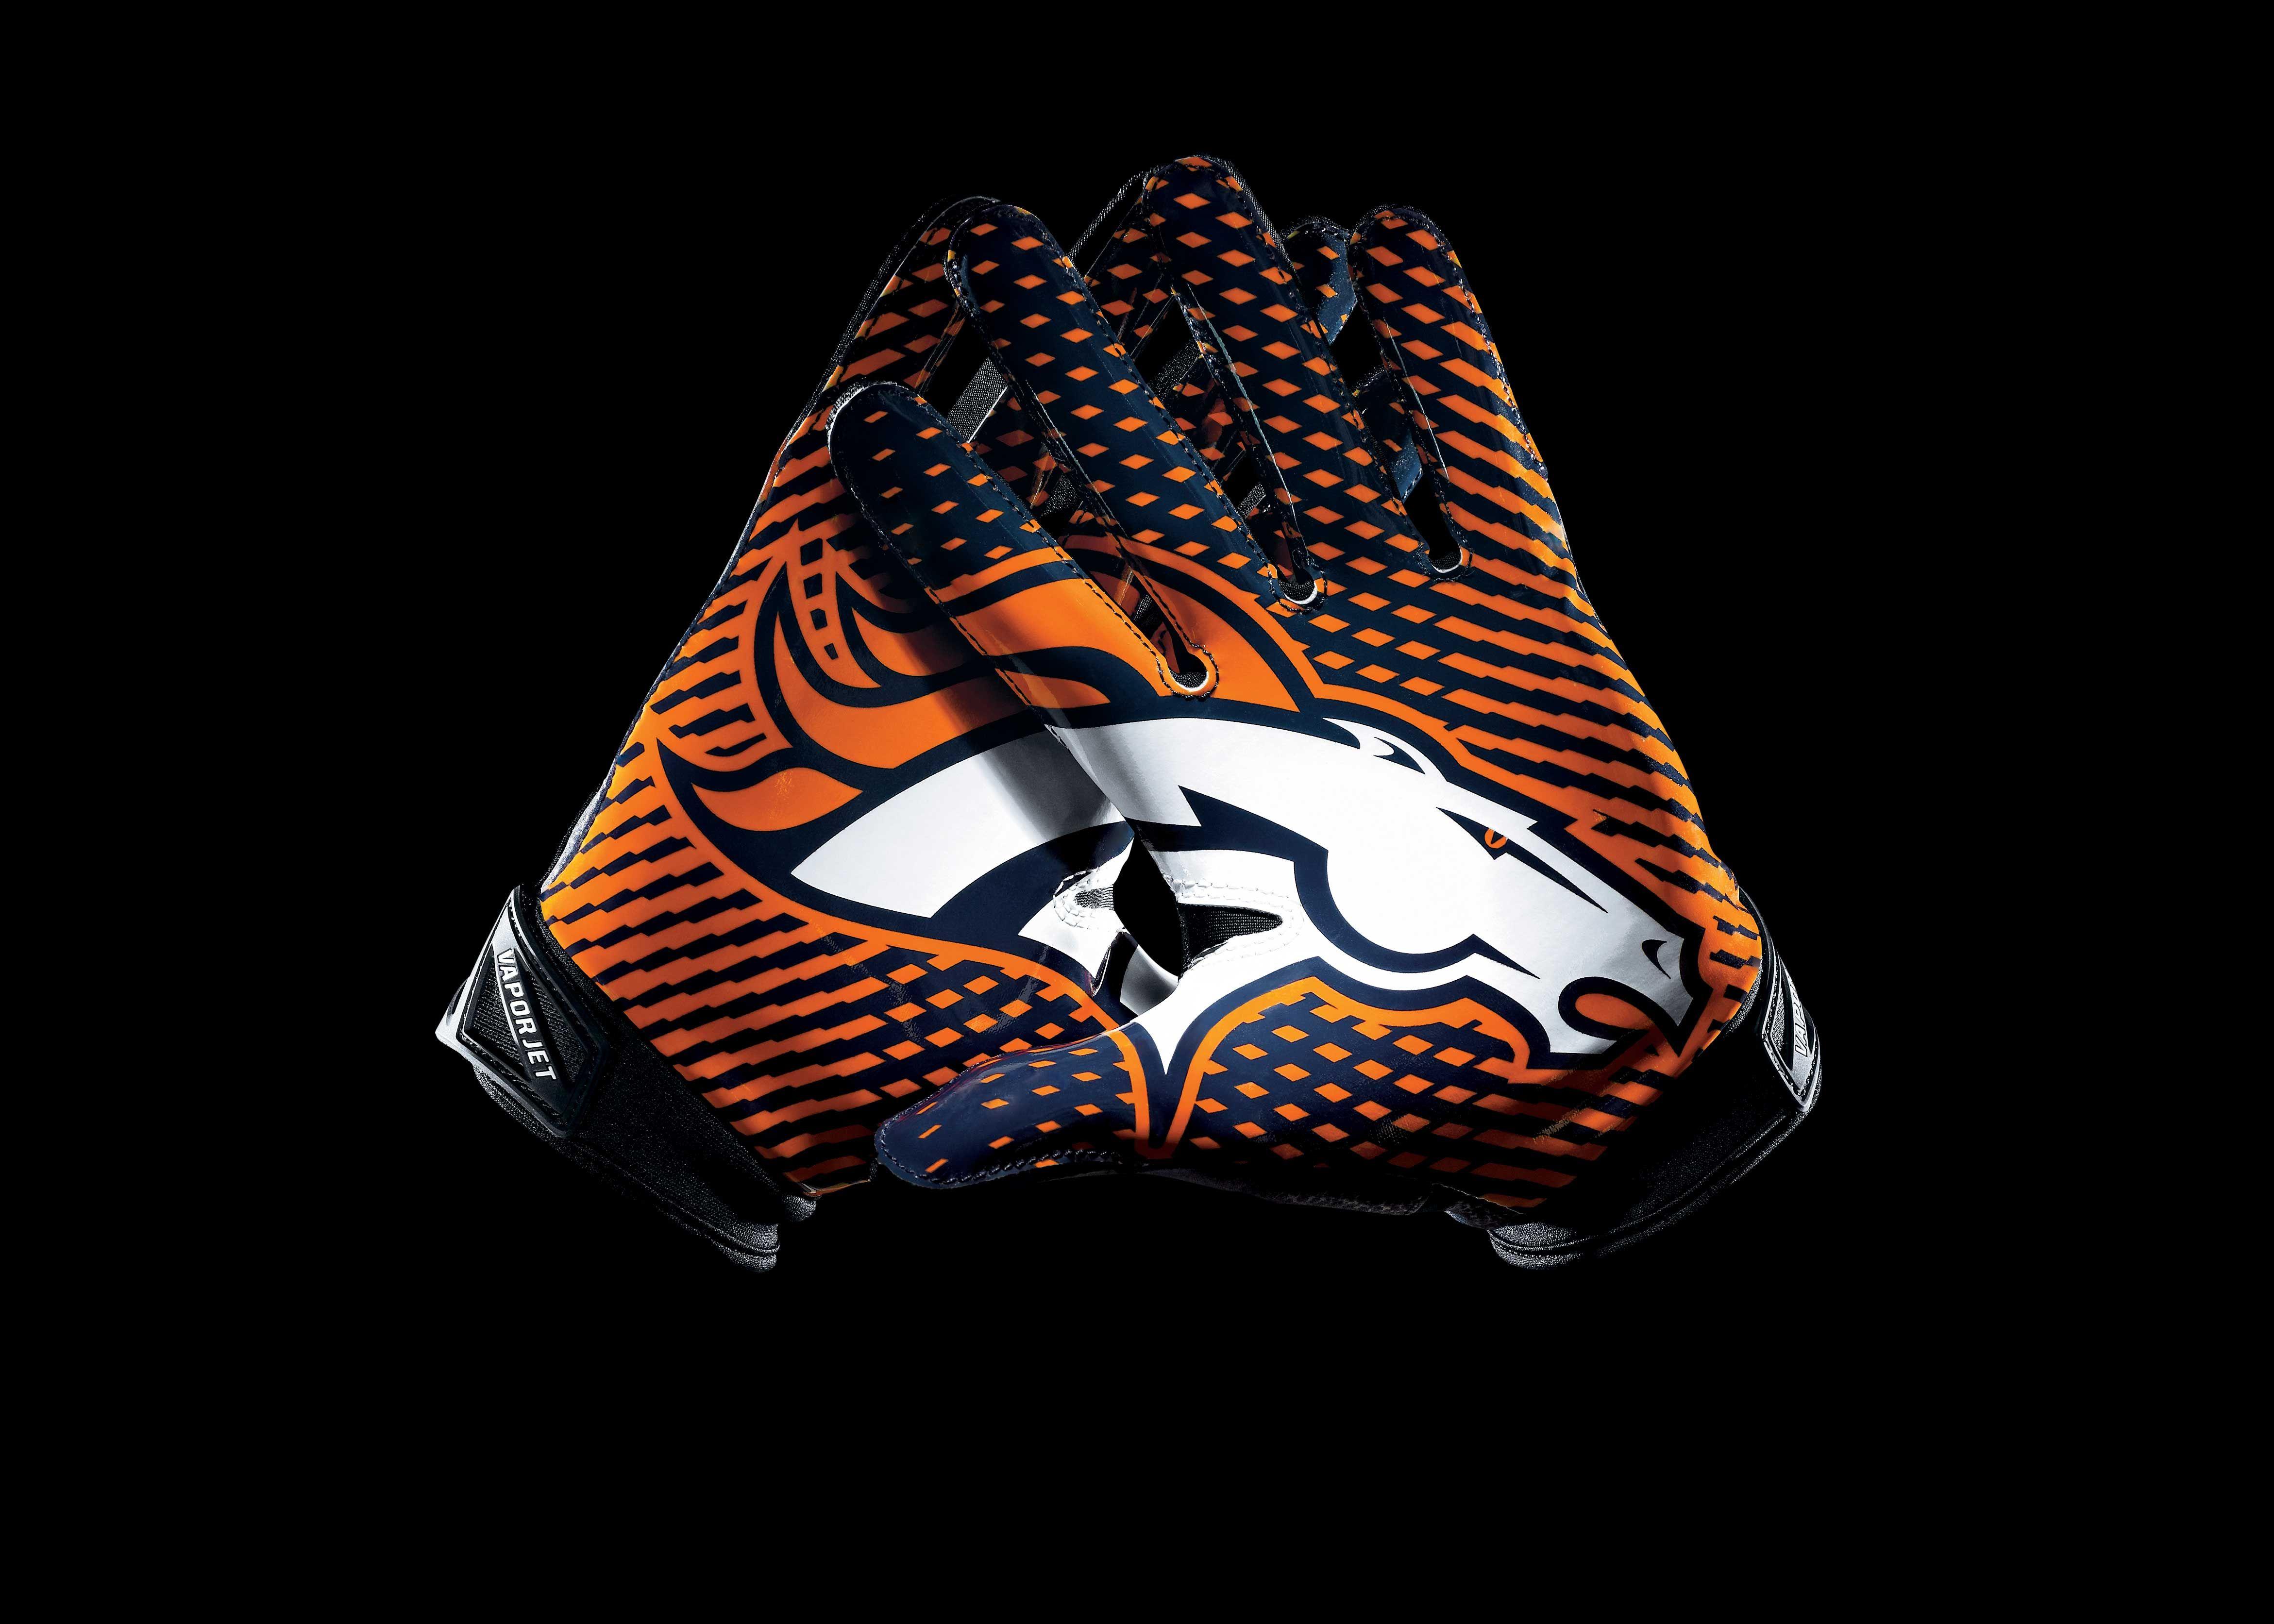 Denver Broncos Gloves Wallpaper Sports teams Pinterest